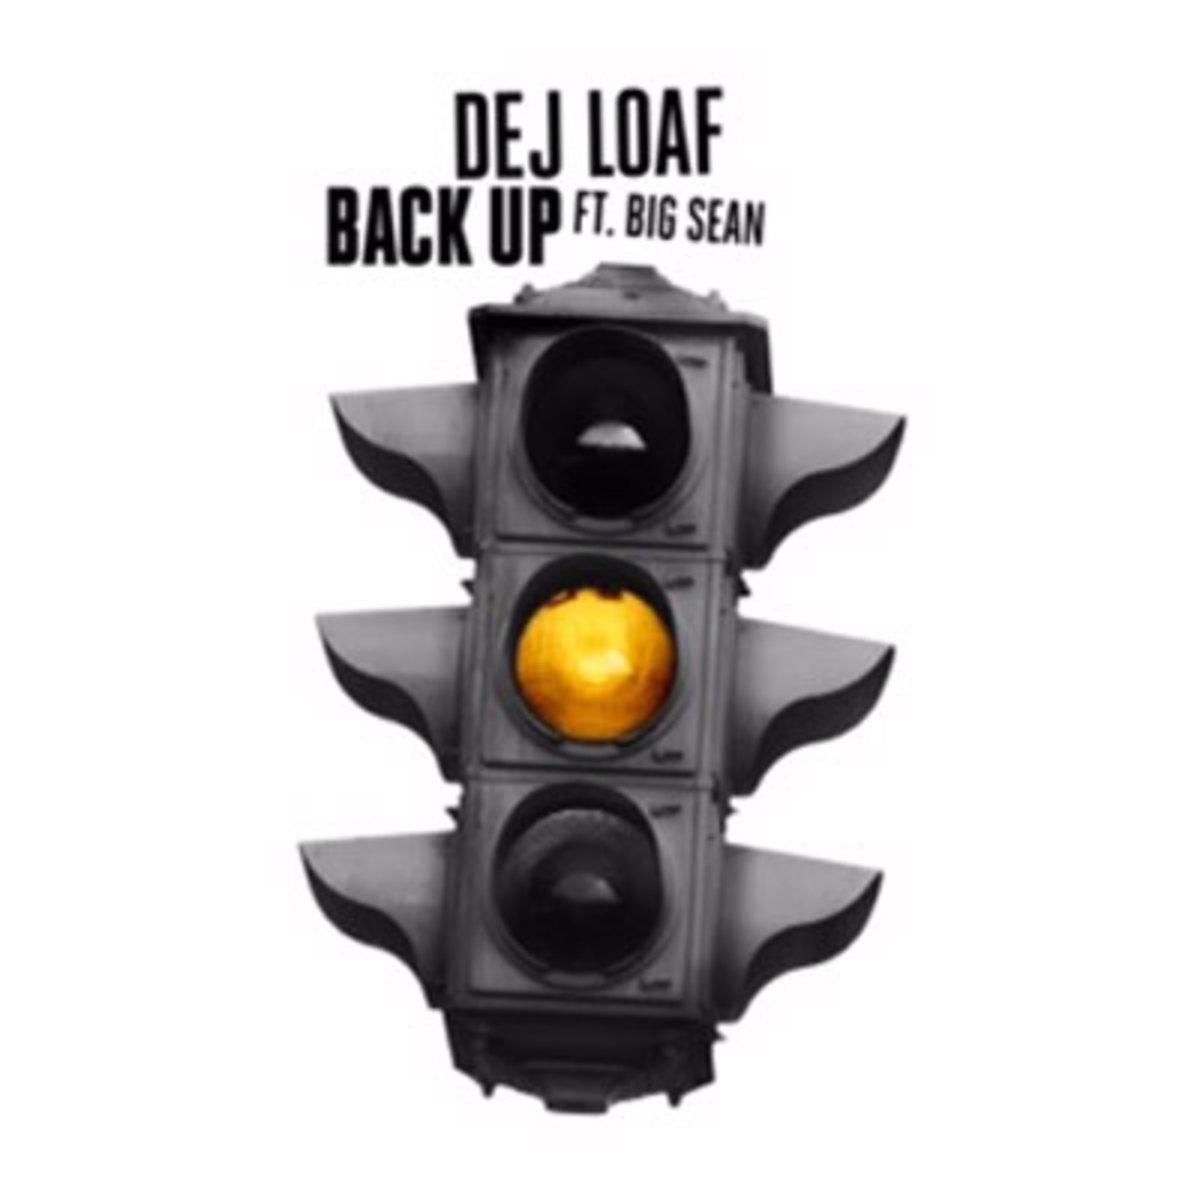 def-loaf-back-up.jpg